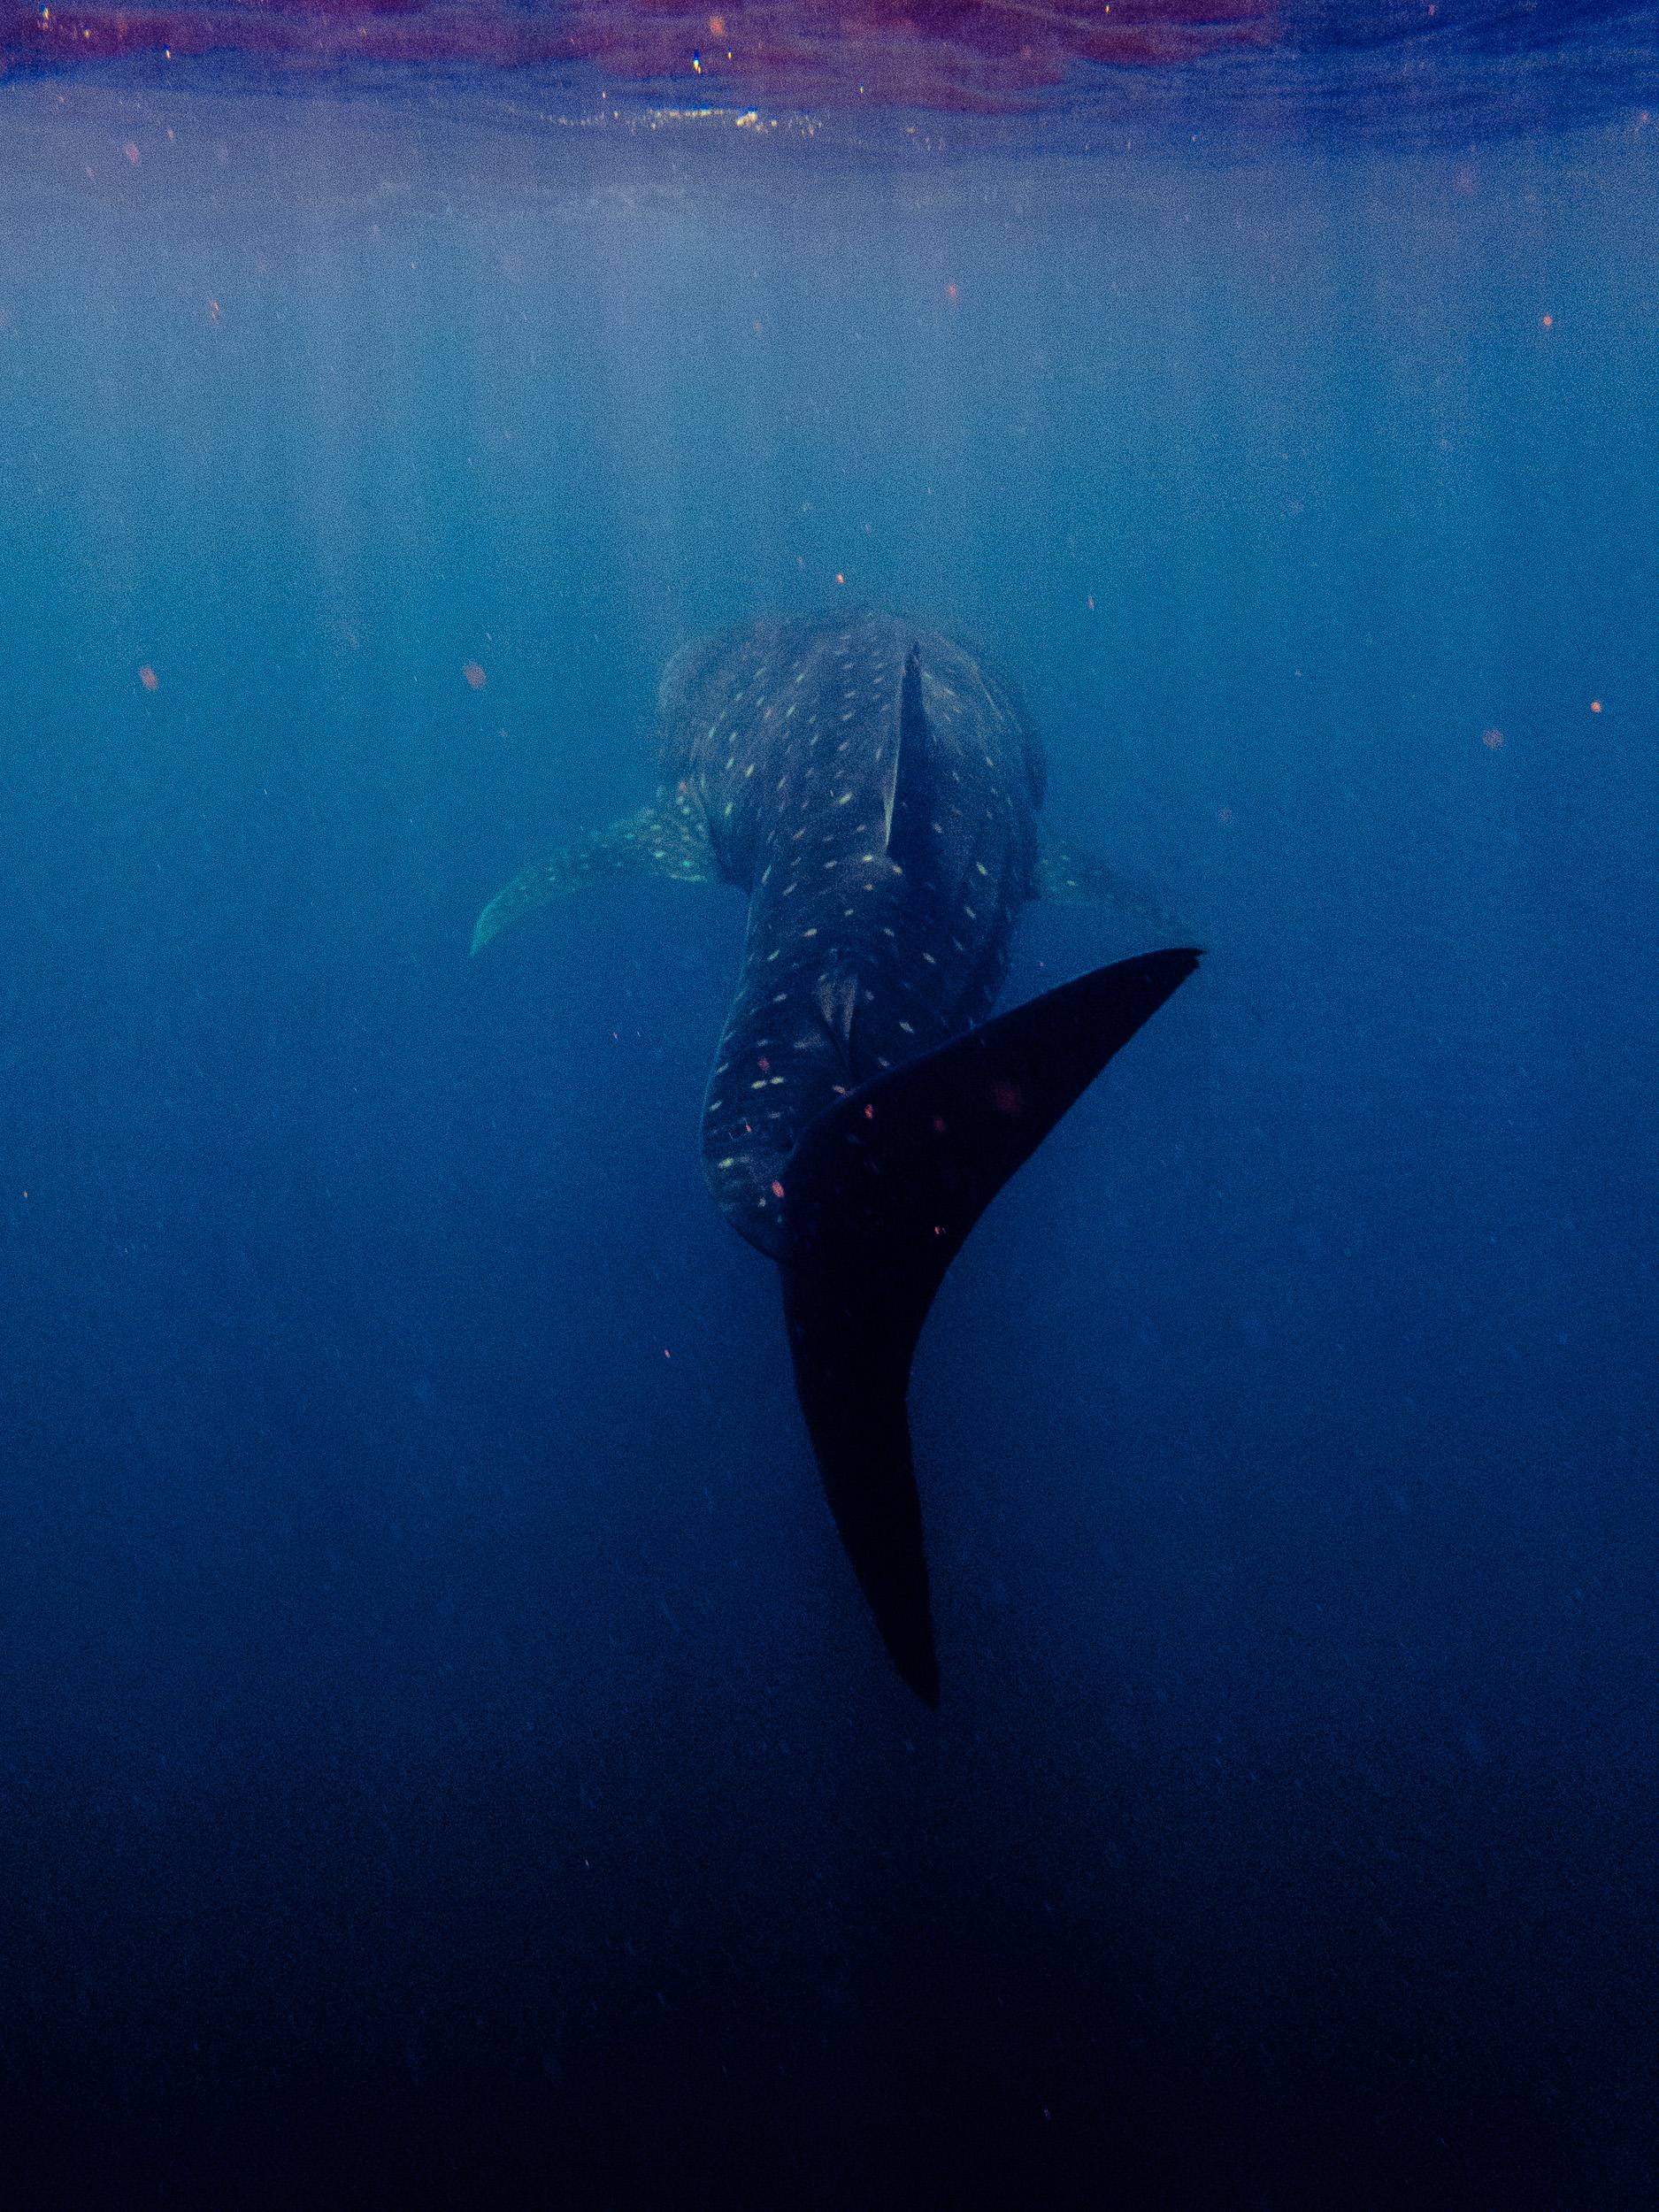 Spyrides_Kyle_Ningaloo_Reef_Sal_Salis.13.5.2016P5121400.jpg